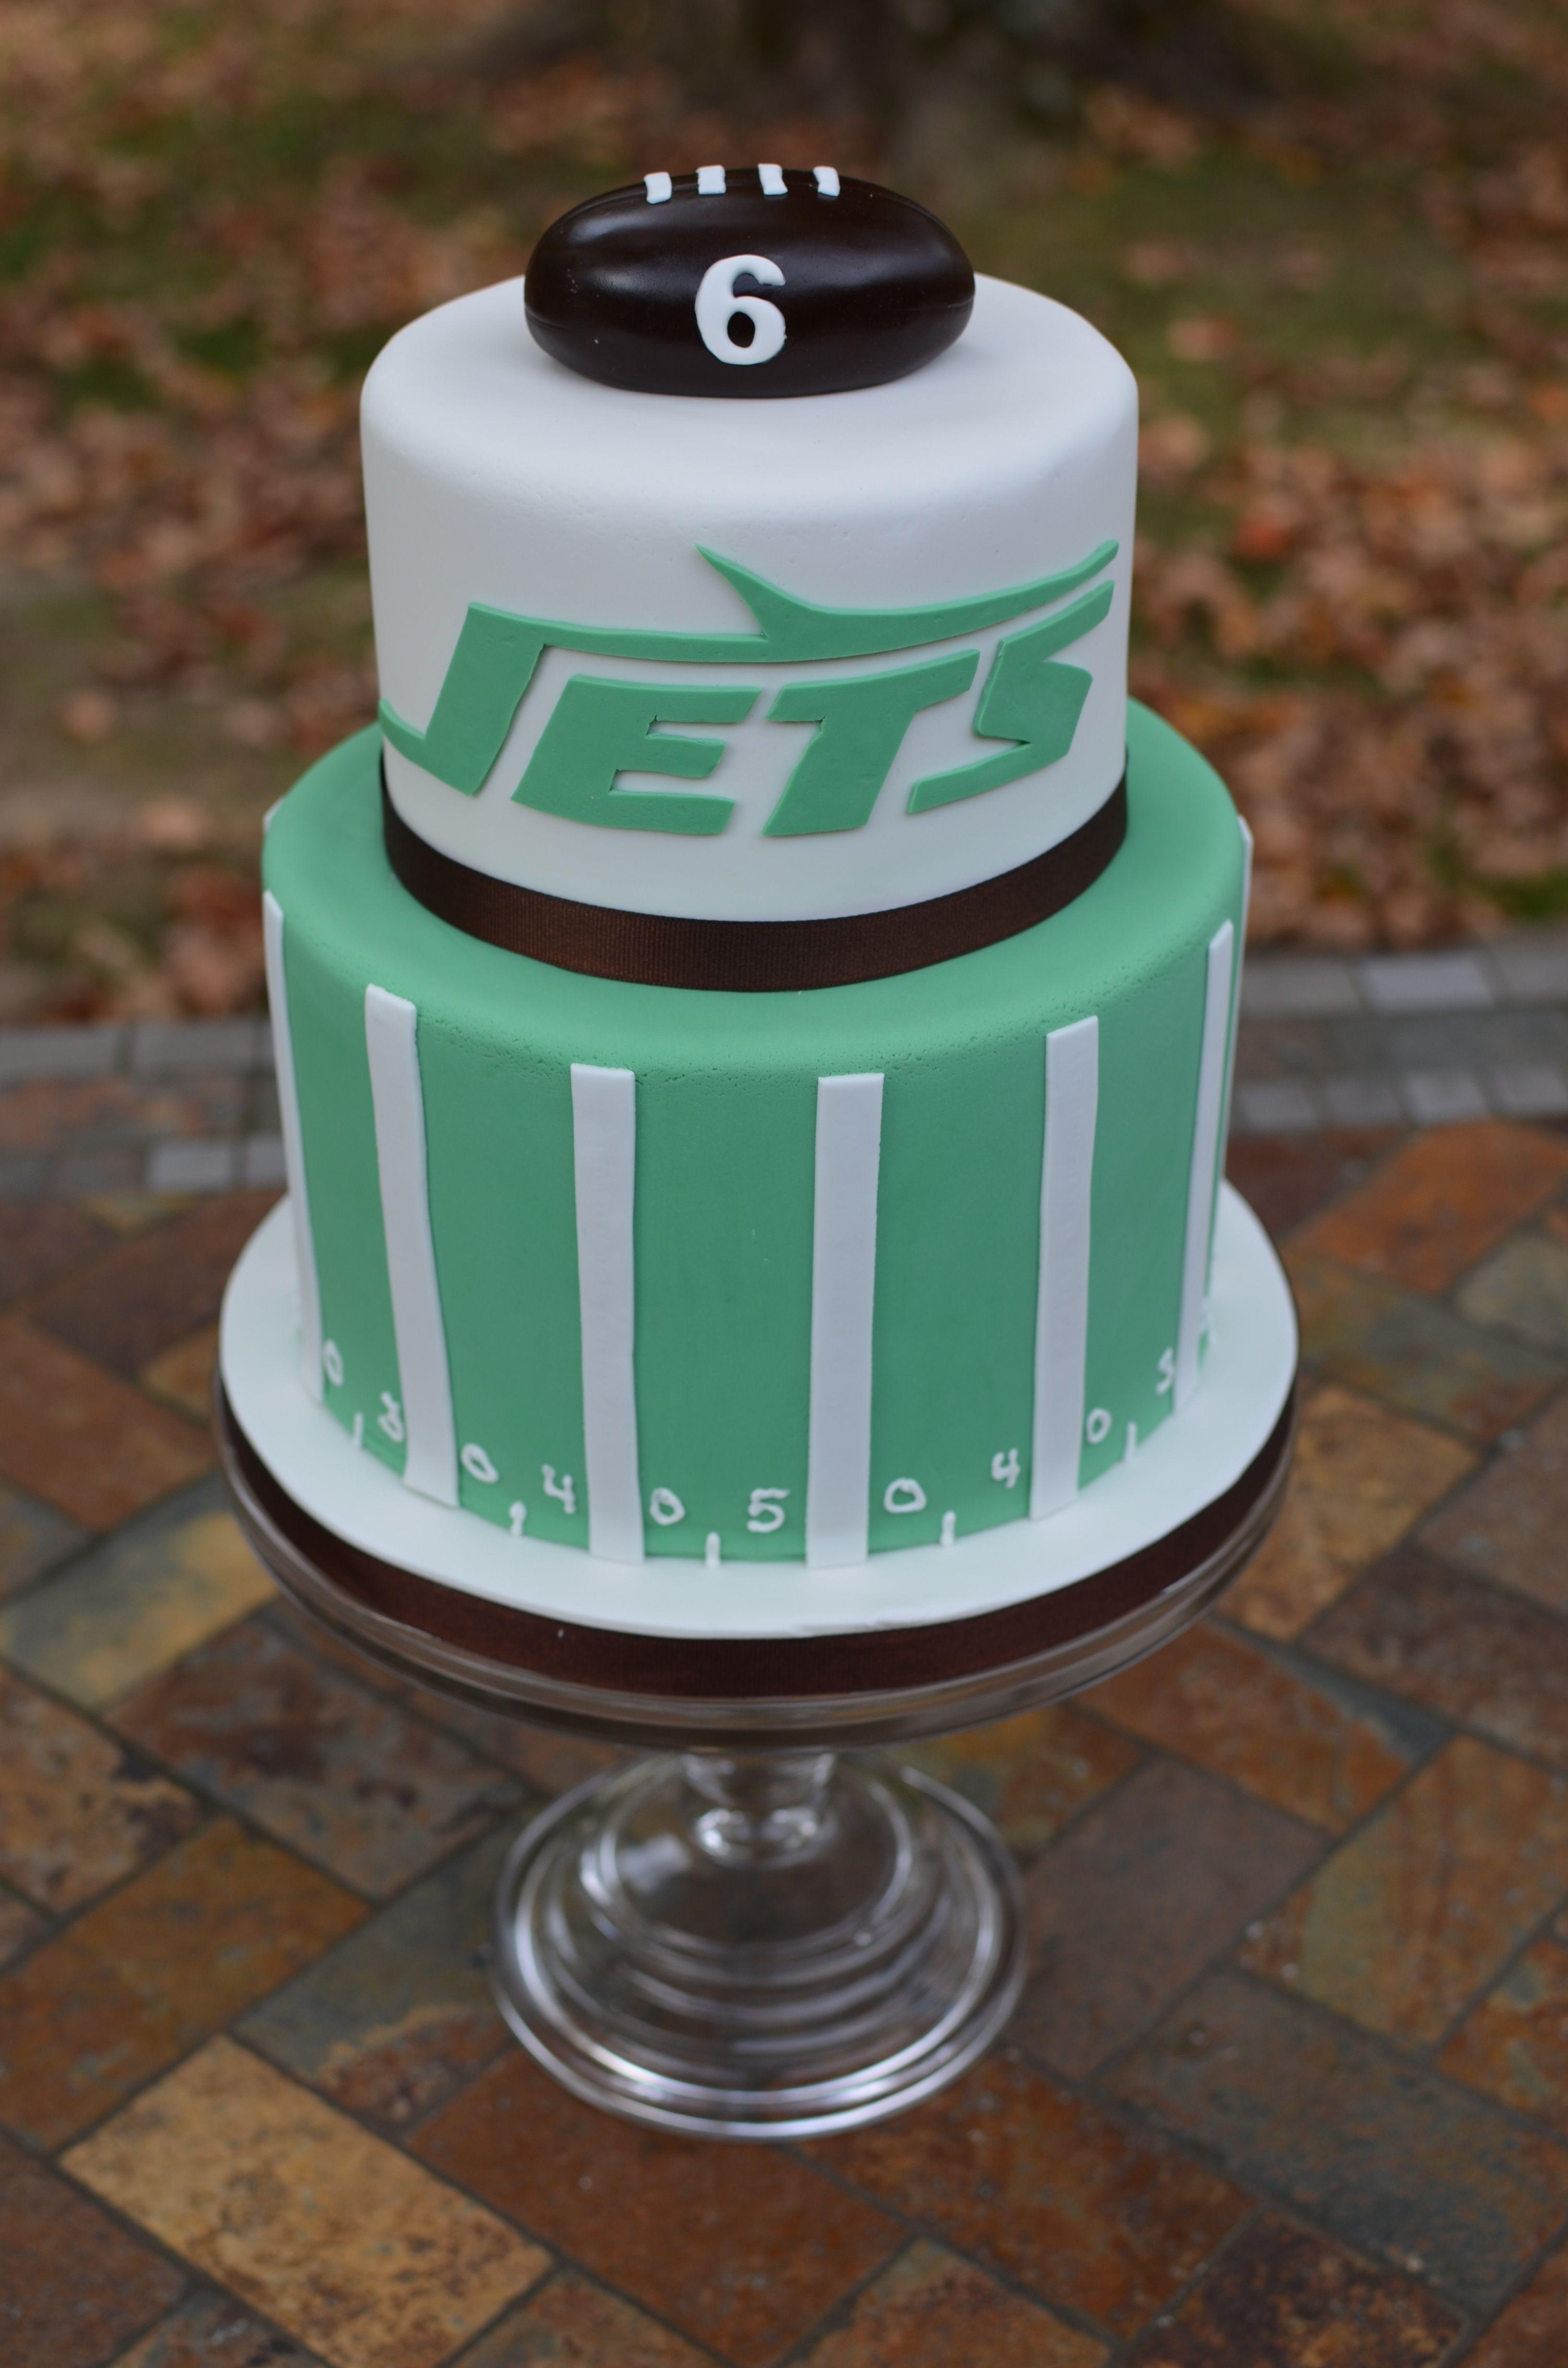 NY Jets Football Birthday Cake